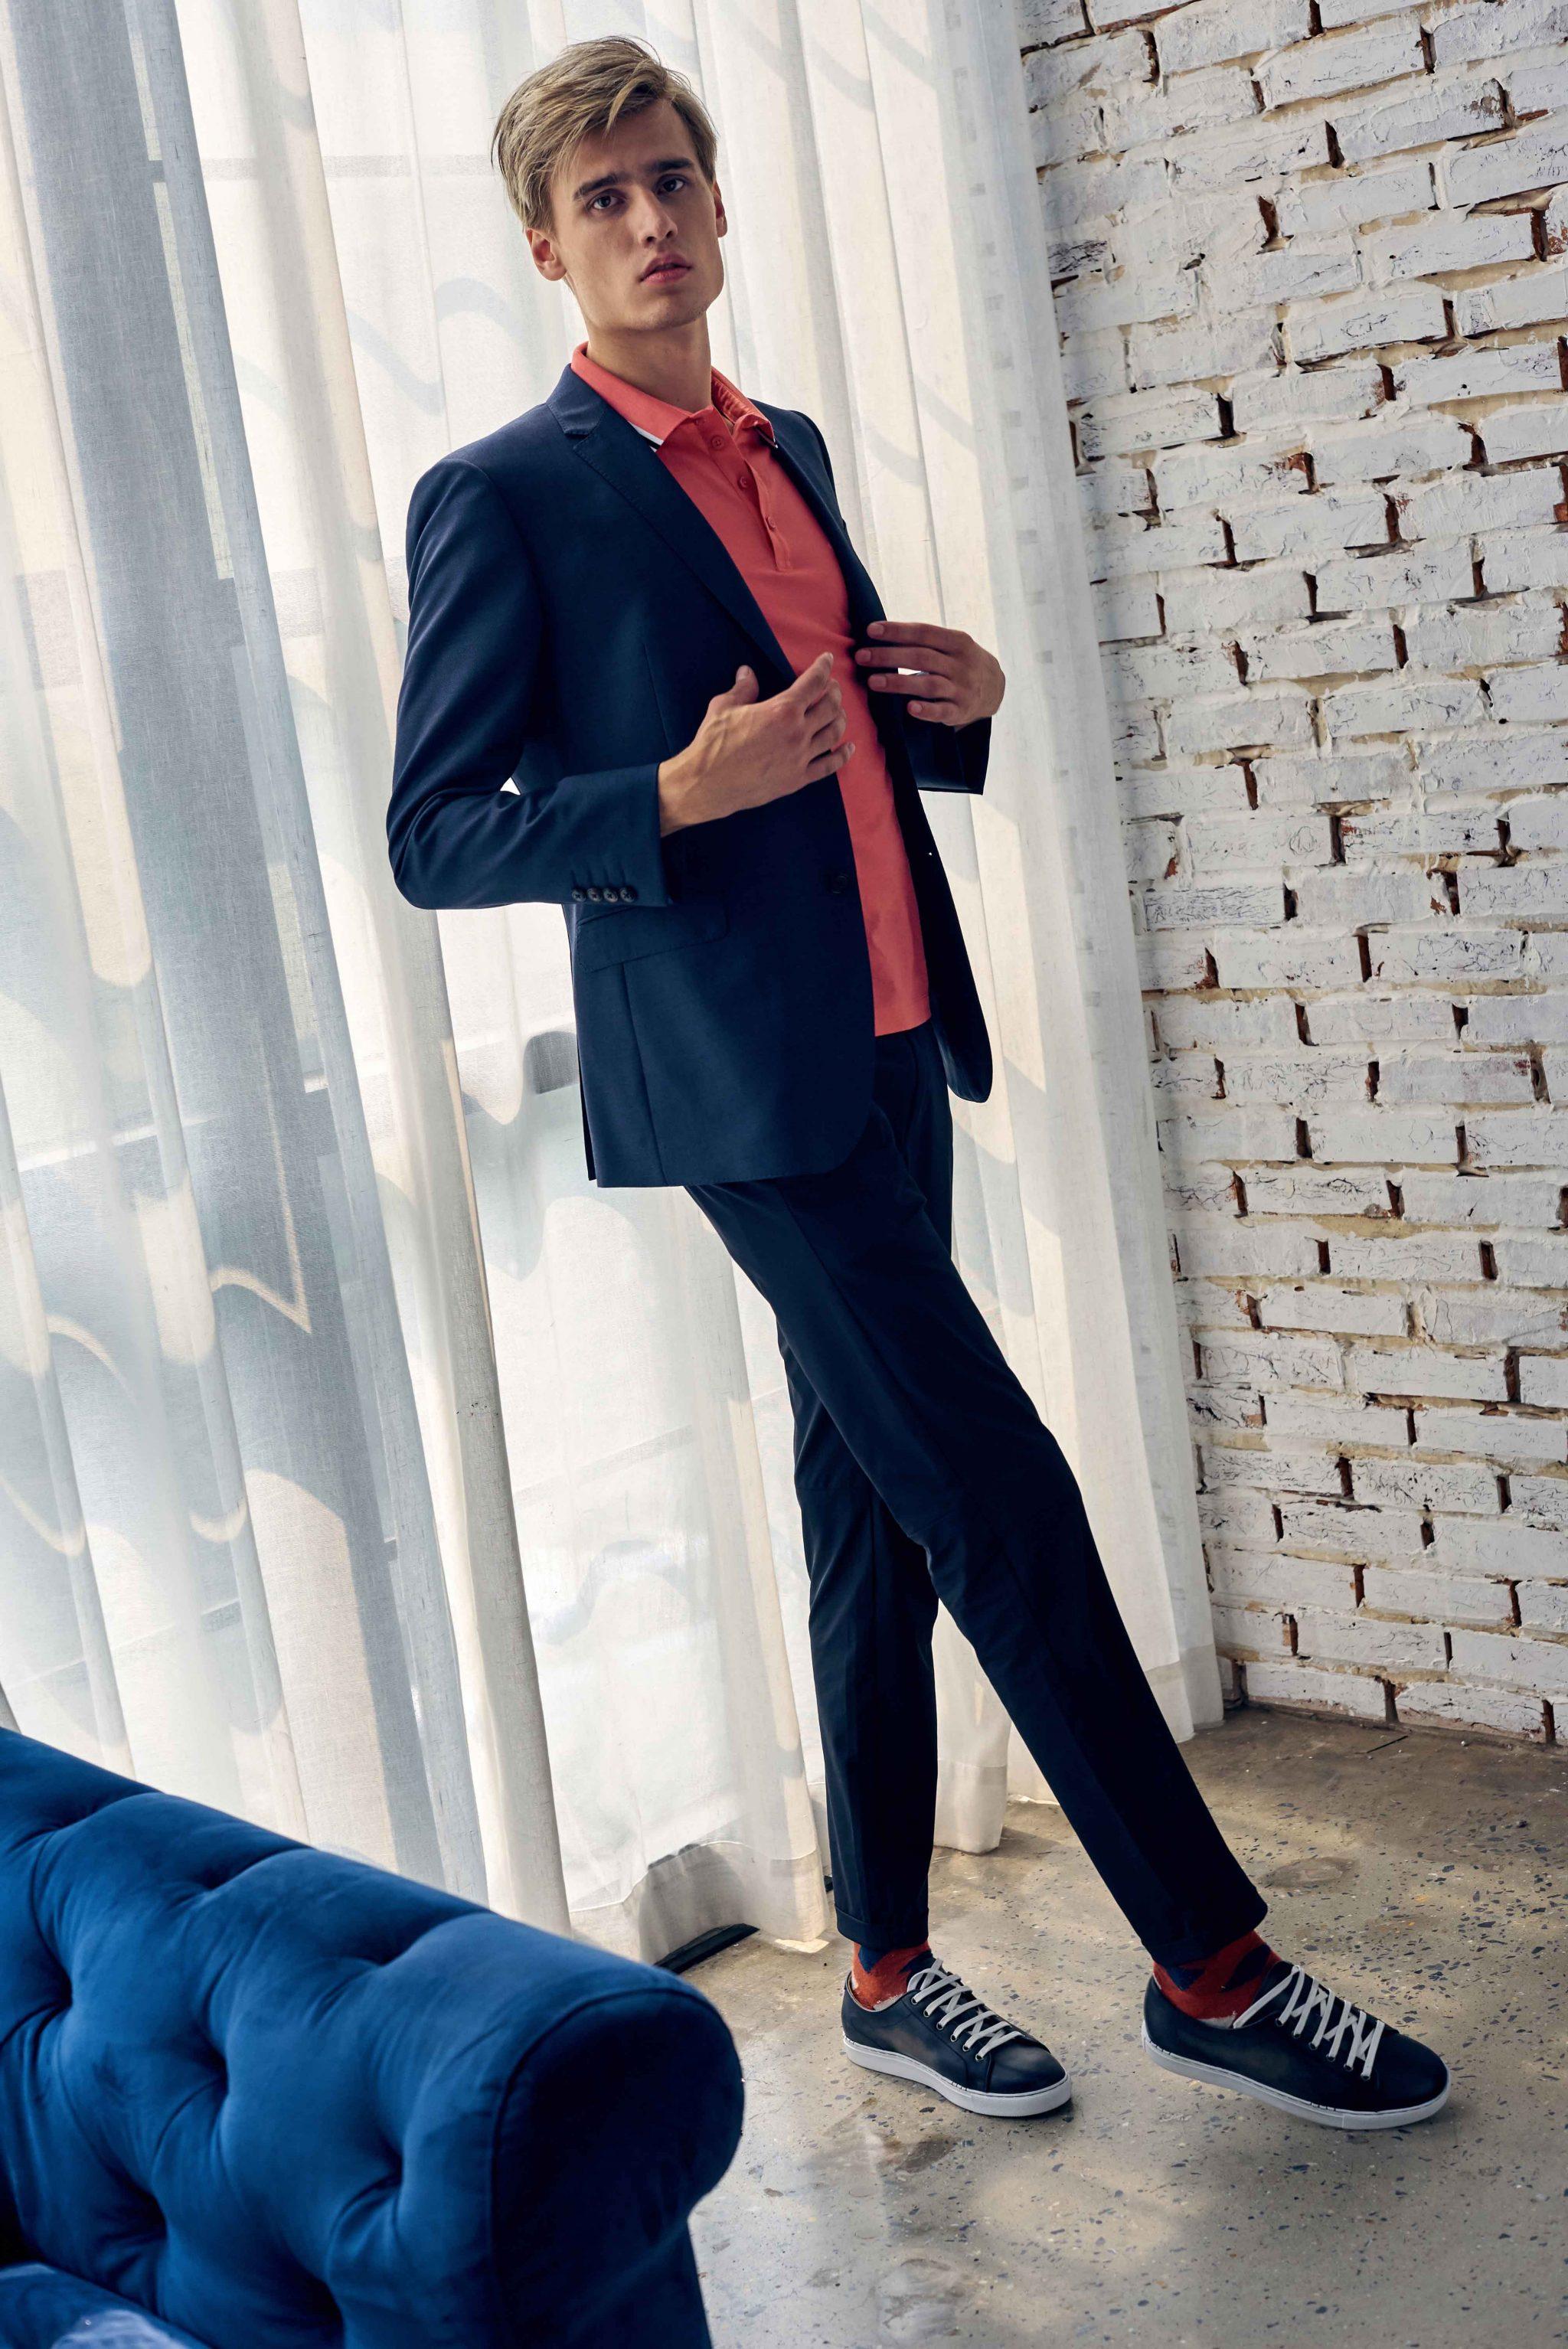 áo polo Gio Bernini (nam mac ao polo hong voi suit xanh navy) - elle man (7)